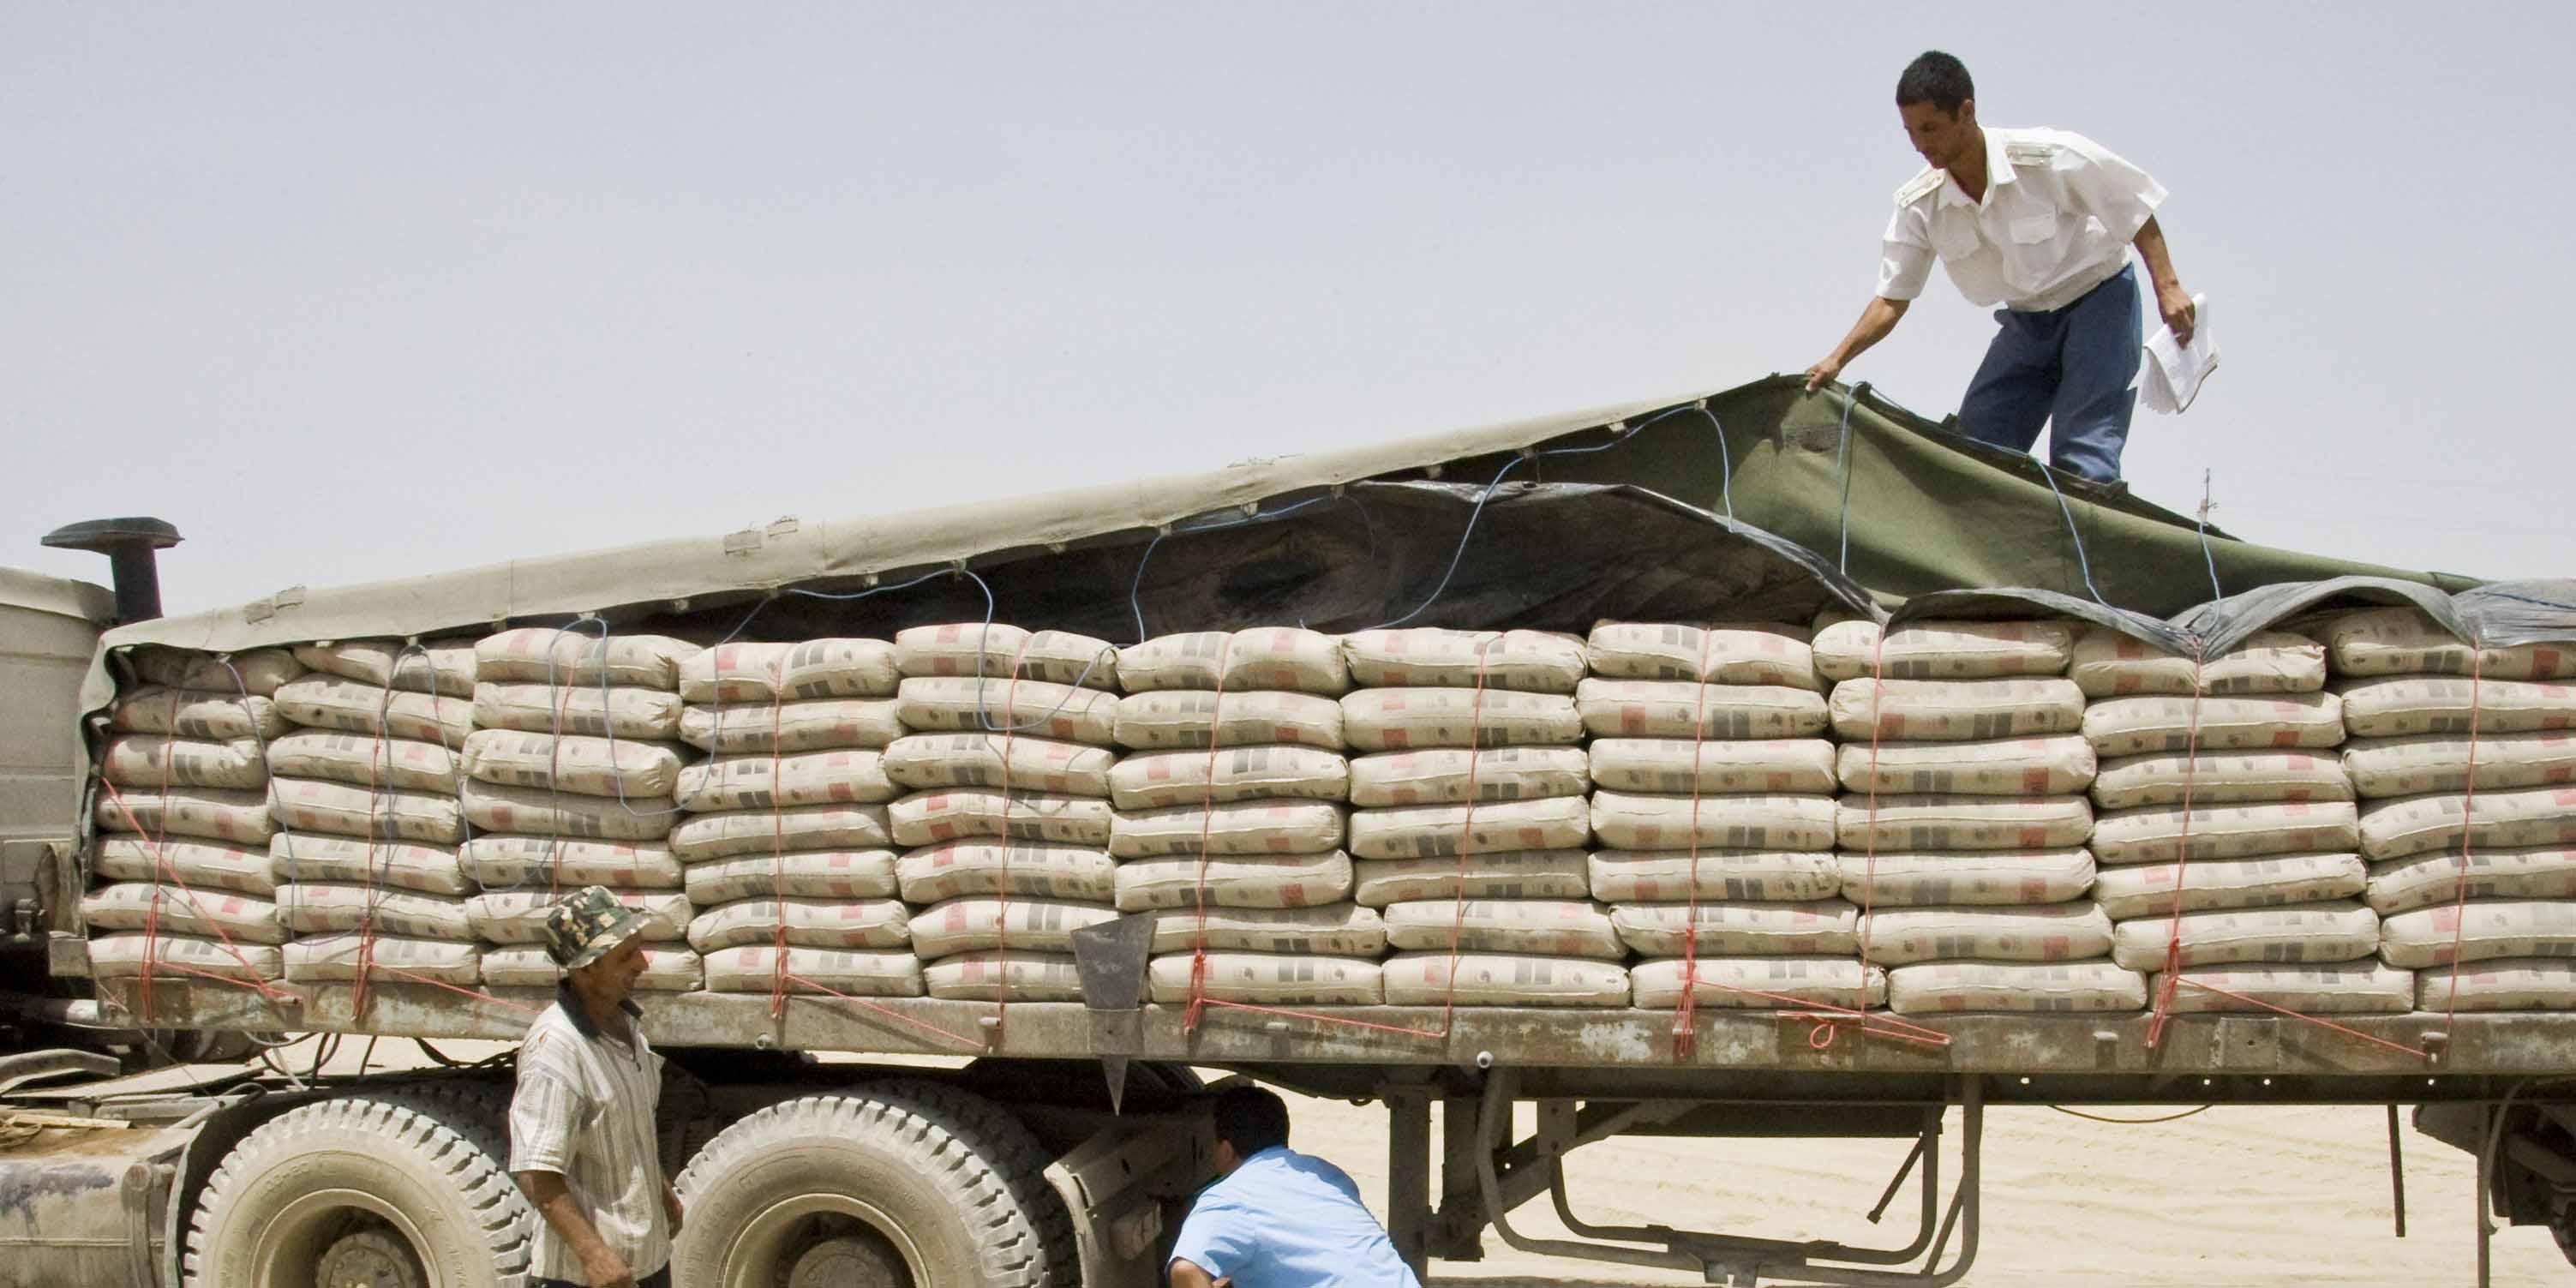 صادرات بیش از 4.4 میلیون تن سیمان و کلینکر در چهار ماه نخست